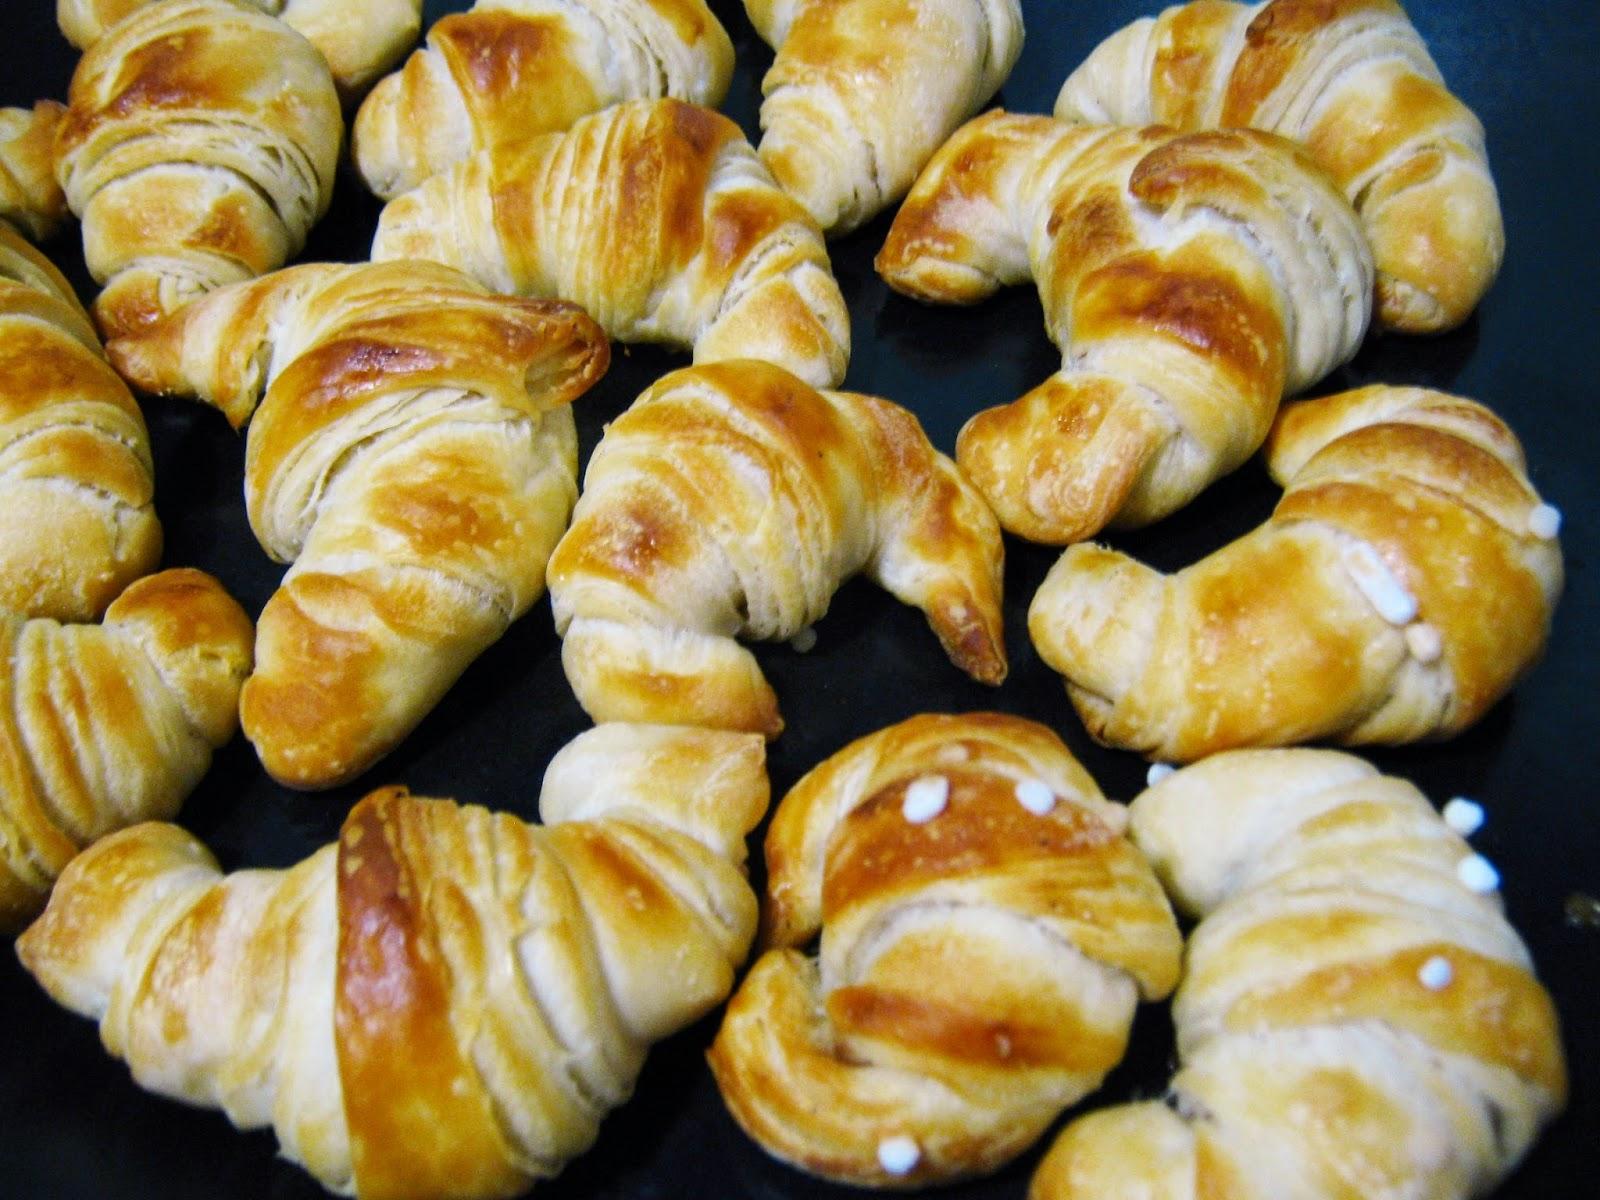 una teglia di panini sfogliati  turchi, Katmer pogaca già cotti